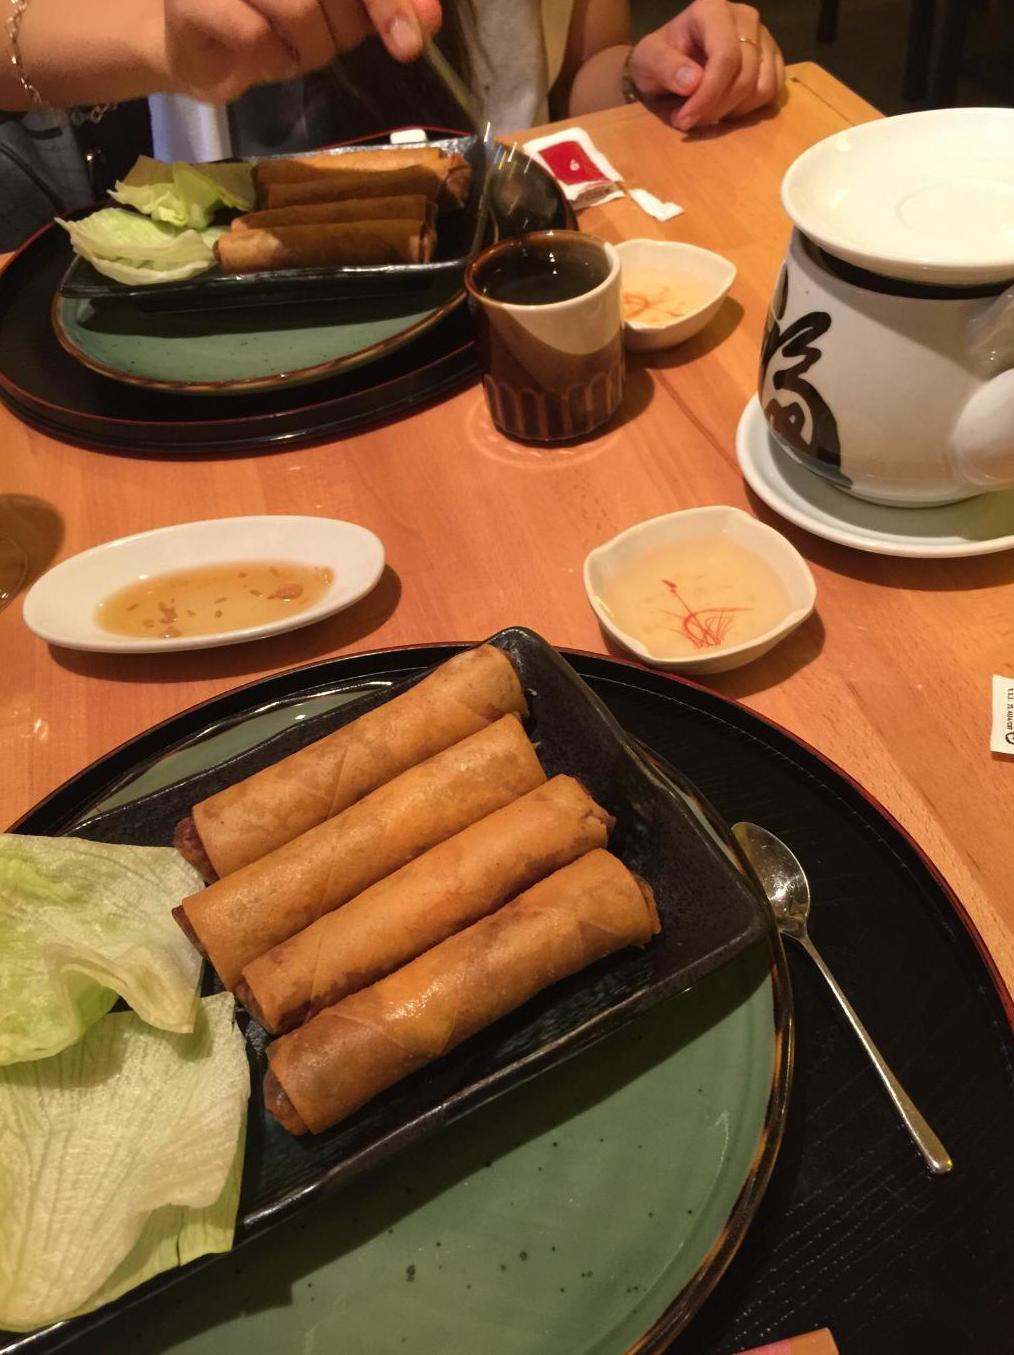 Restaurante japonés Tokyo To, cocina japonesa respetando su tradición y sus productos